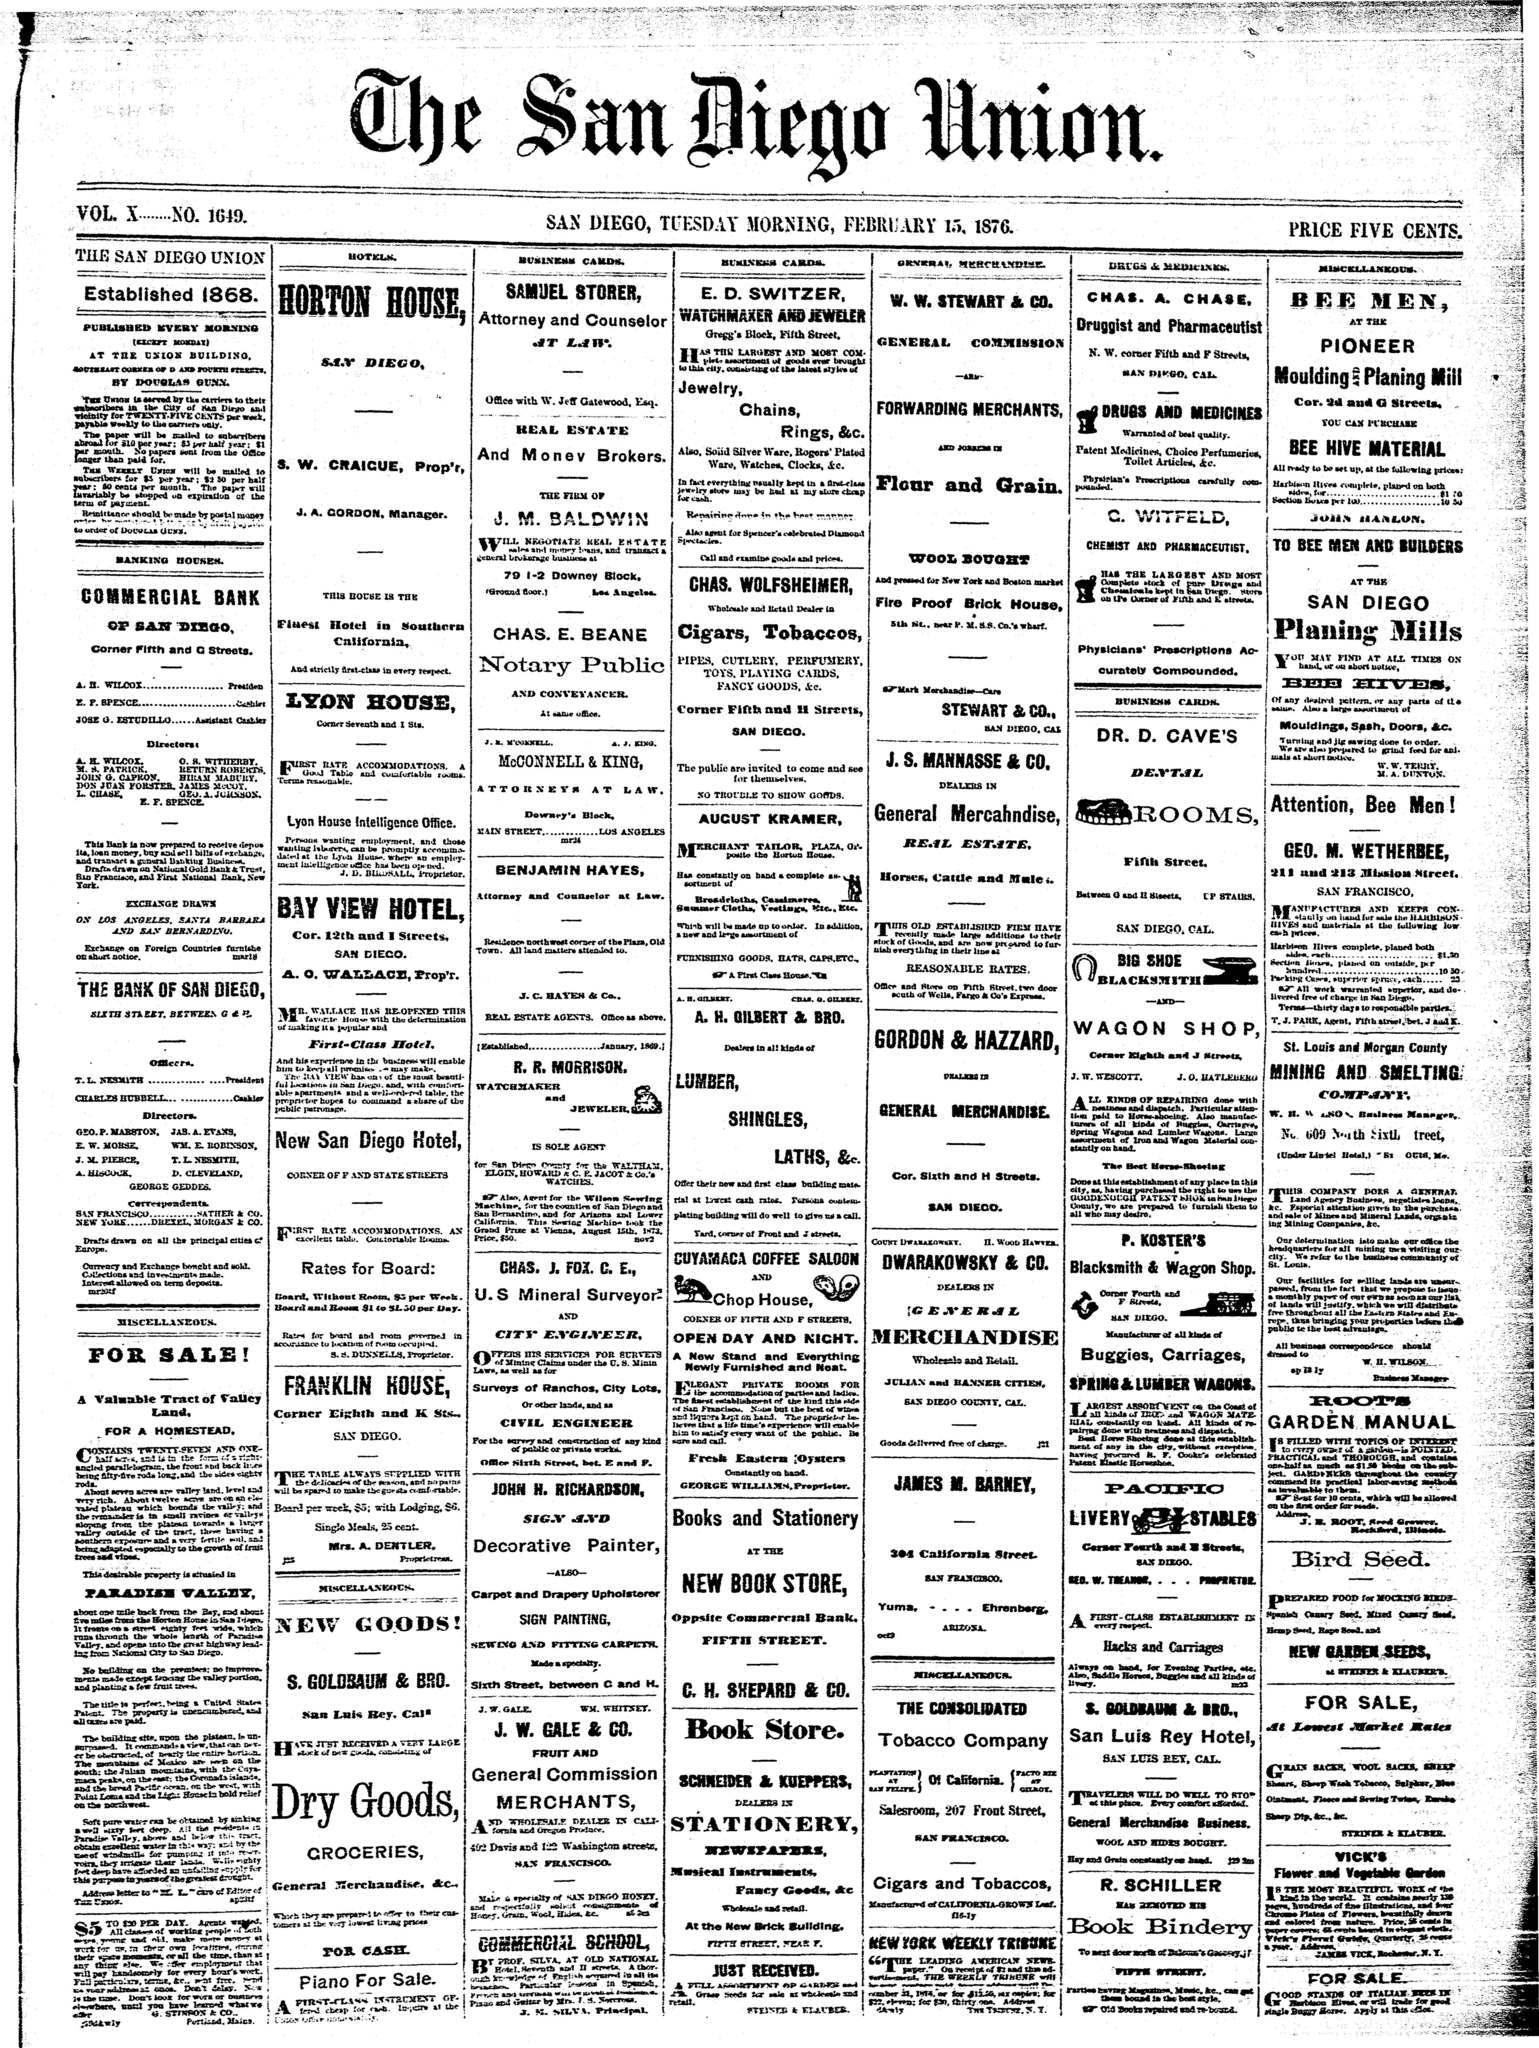 February 15, 1876